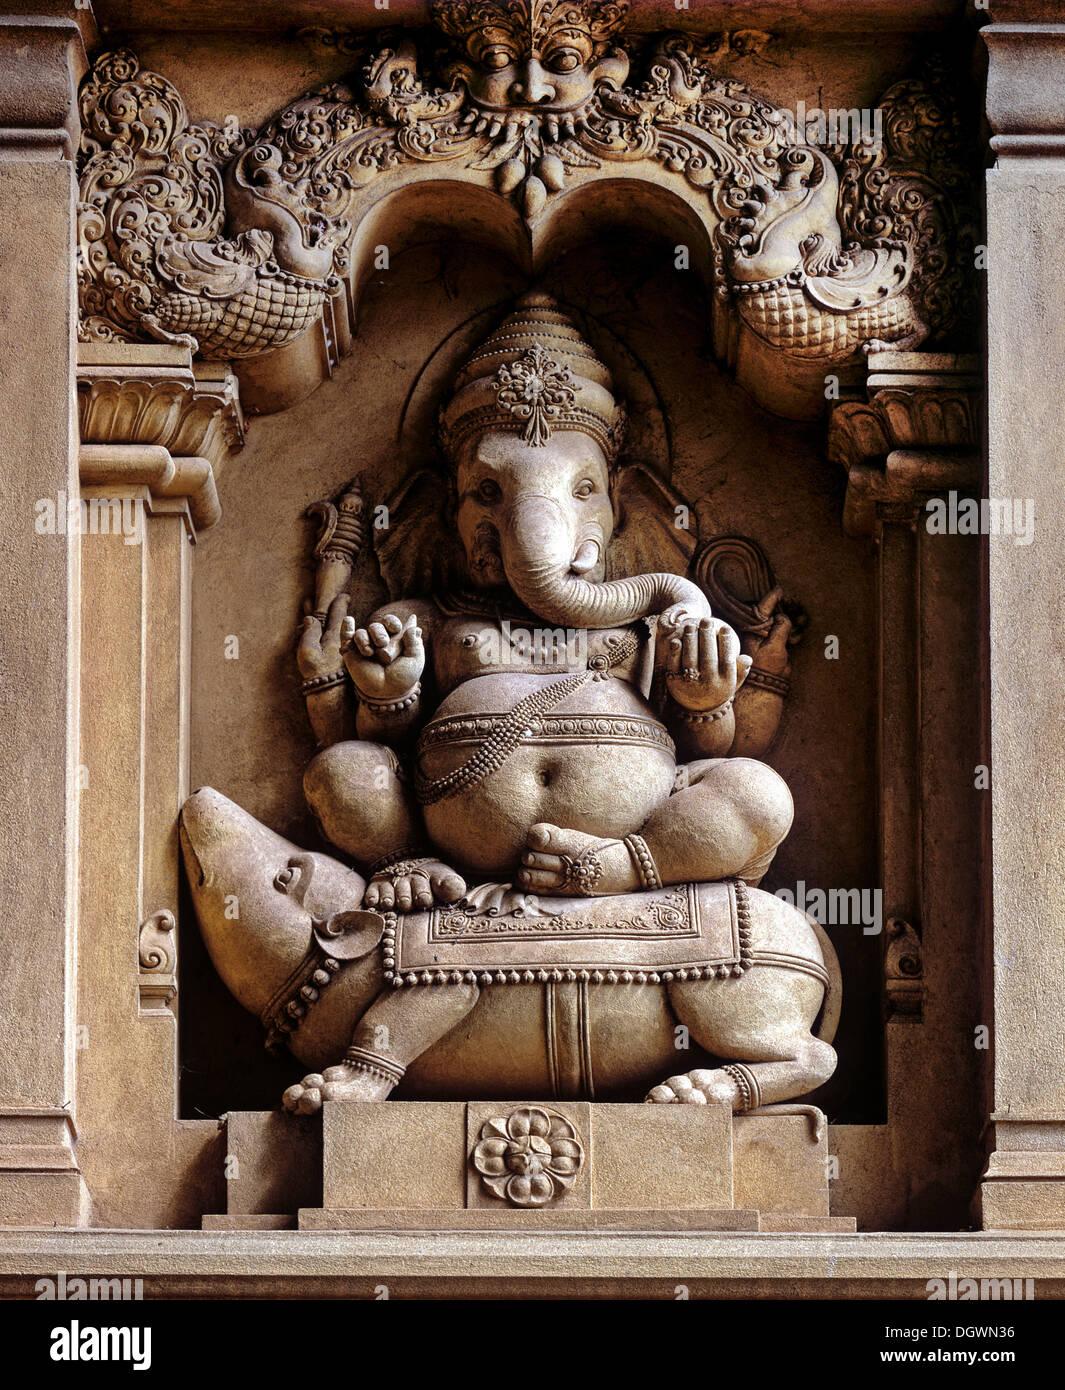 Stone ganesha stock photos & stone ganesha stock images alamy